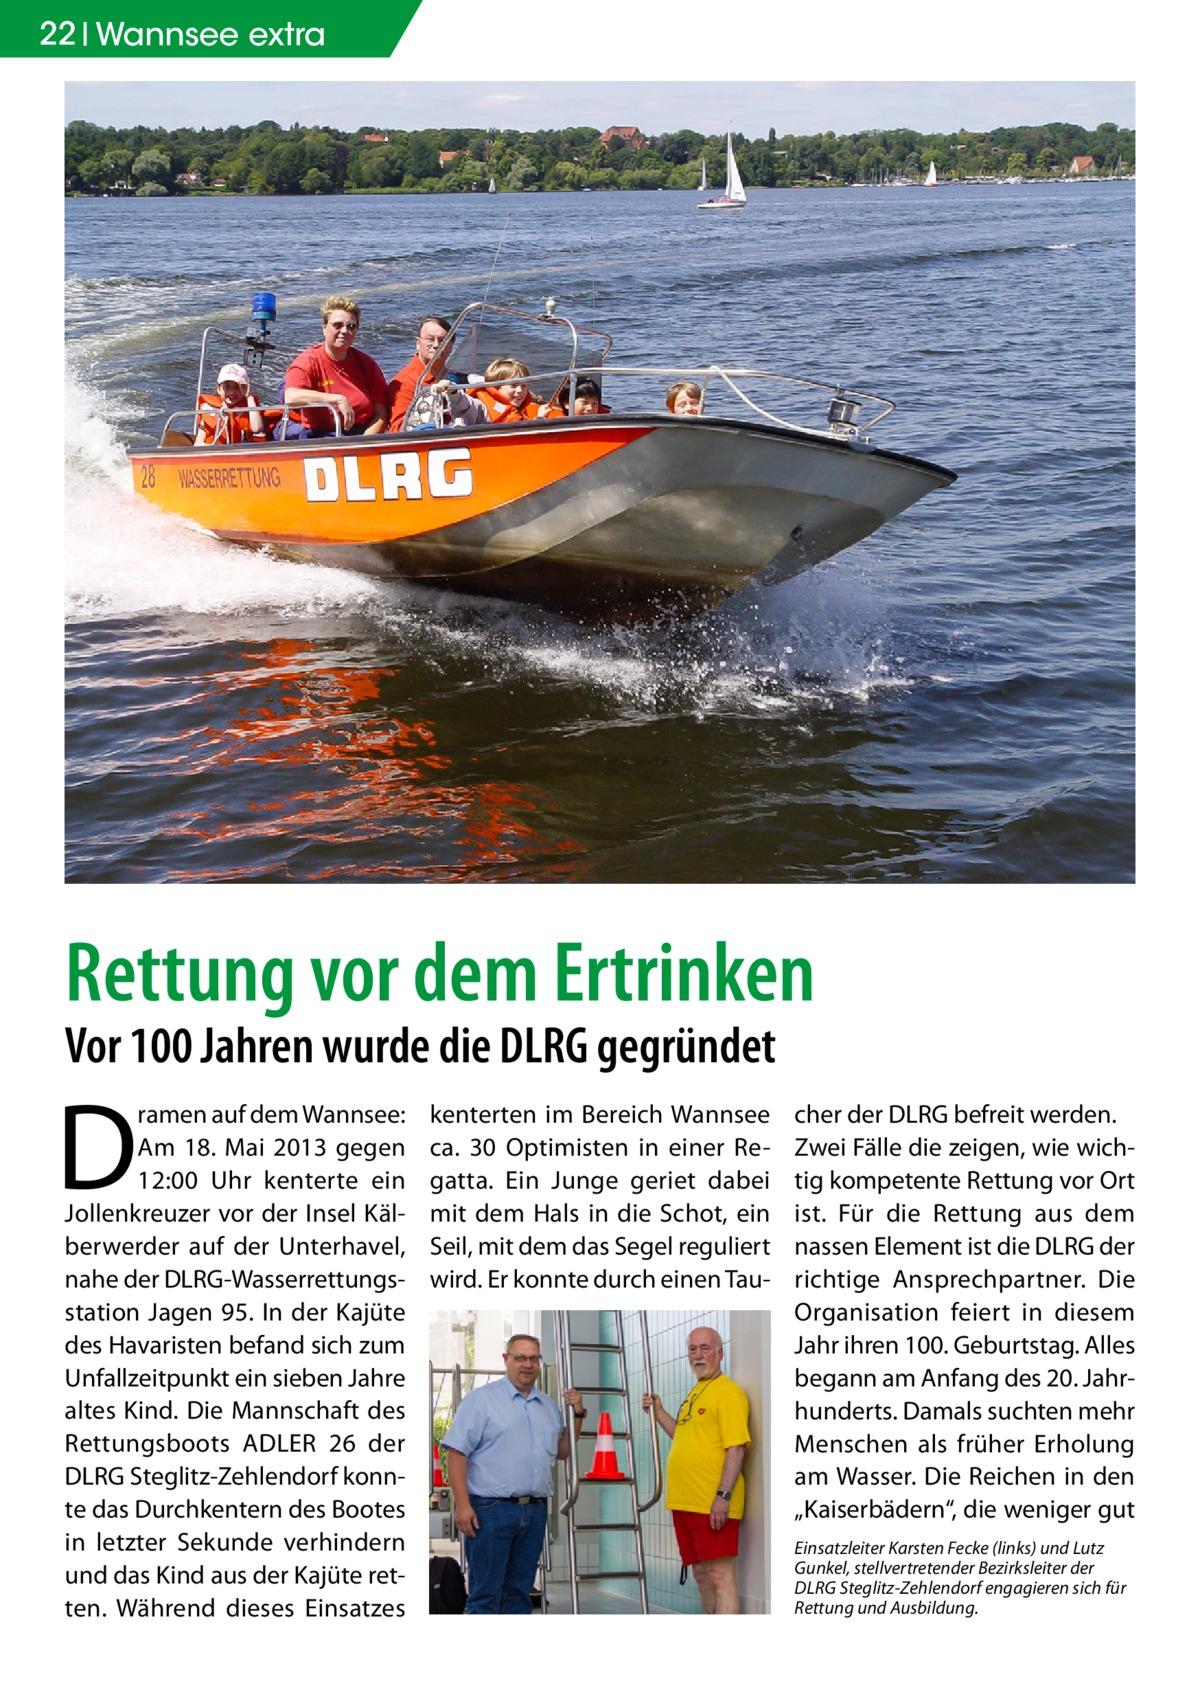 """22 Wannsee extra  Rettung vor dem Ertrinken Vor 100 Jahren wurde die DLRG gegründet  D  ramen auf dem Wannsee: Am 18. Mai 2013 gegen 12:00 Uhr kenterte ein Jollenkreuzer vor der Insel Kälberwerder auf der Unterhavel, nahe der DLRG-Wasserrettungsstation Jagen 95. In der Kajüte des Havaristen befand sich zum Unfallzeitpunkt ein sieben Jahre altes Kind. Die Mannschaft des Rettungsboots ADLER 26 der DLRG Steglitz-Zehlendorf konnte das Durchkentern des Bootes in letzter Sekunde verhindern und das Kind aus der Kajüte retten. Während dieses Einsatzes  kenterten im Bereich Wannsee ca. 30 Optimisten in einer Regatta. Ein Junge geriet dabei mit dem Hals in die Schot, ein Seil, mit dem das Segel reguliert wird. Er konnte durch einen Tau cher der DLRG befreit werden. Zwei Fälle die zeigen, wie wichtig kompetente Rettung vor Ort ist. Für die Rettung aus dem nassen Element ist die DLRG der richtige Ansprechpartner. Die Organisation feiert in diesem Jahr ihren 100. Geburtstag. Alles begann am Anfang des 20. Jahrhunderts. Damals suchten mehr Menschen als früher Erholung am Wasser. Die Reichen in den """"Kaiserbädern"""", die weniger gut Einsatzleiter Karsten Fecke (links) und Lutz Gunkel, stellvertretender Bezirksleiter der DLRG Steglitz-Zehlendorf engagieren sich für Rettung und Ausbildung."""